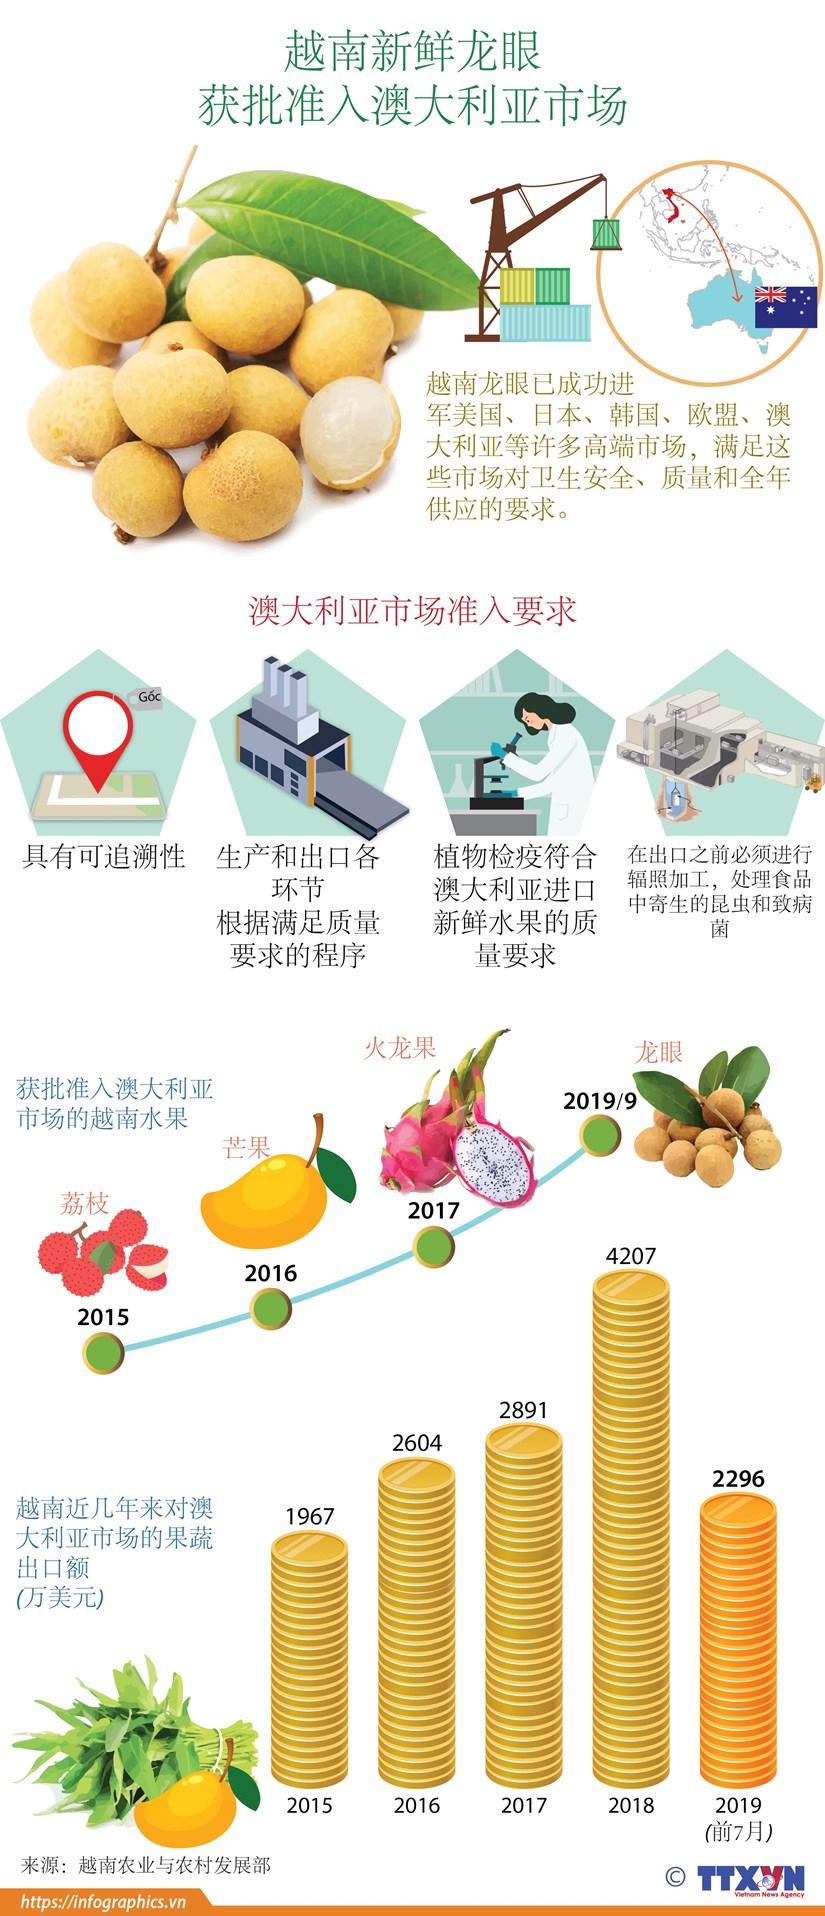 图表新闻:越南新鲜龙眼 获批准入澳大利亚市场